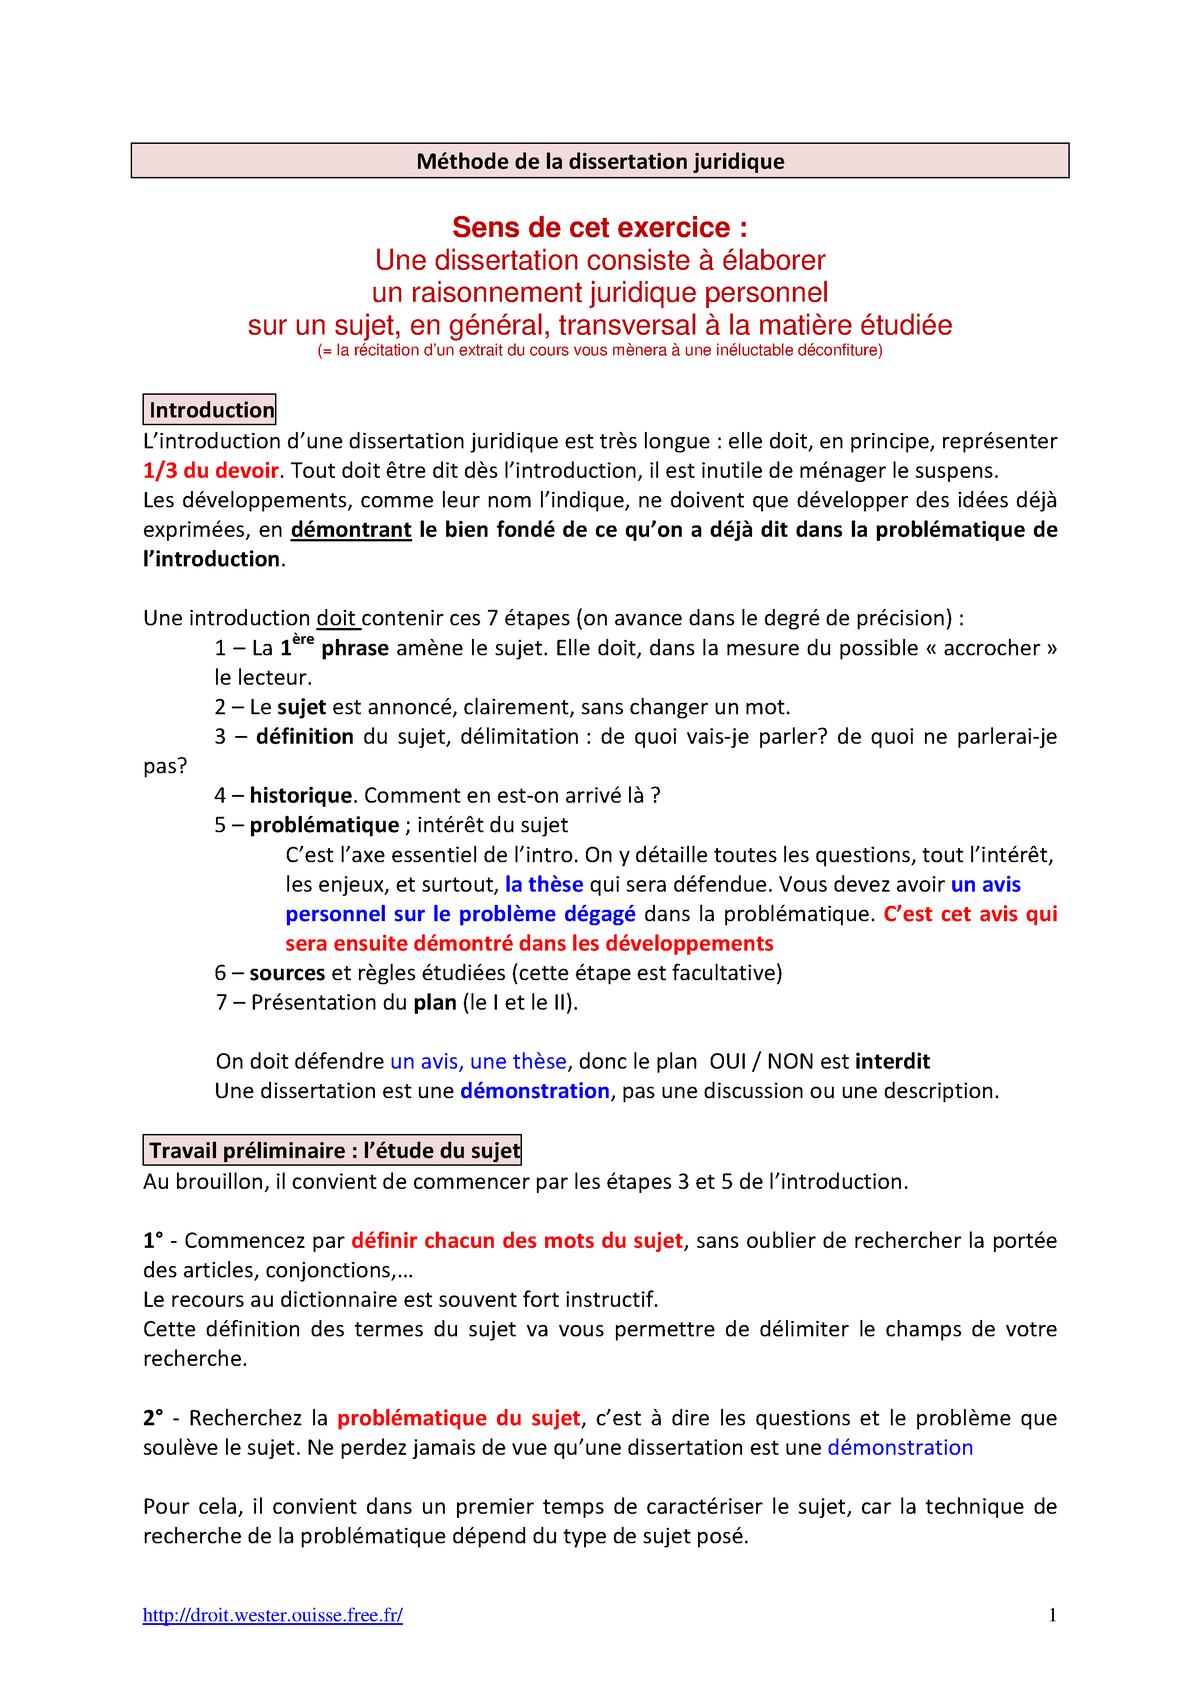 exercices corriges de dissertation juridique pdf